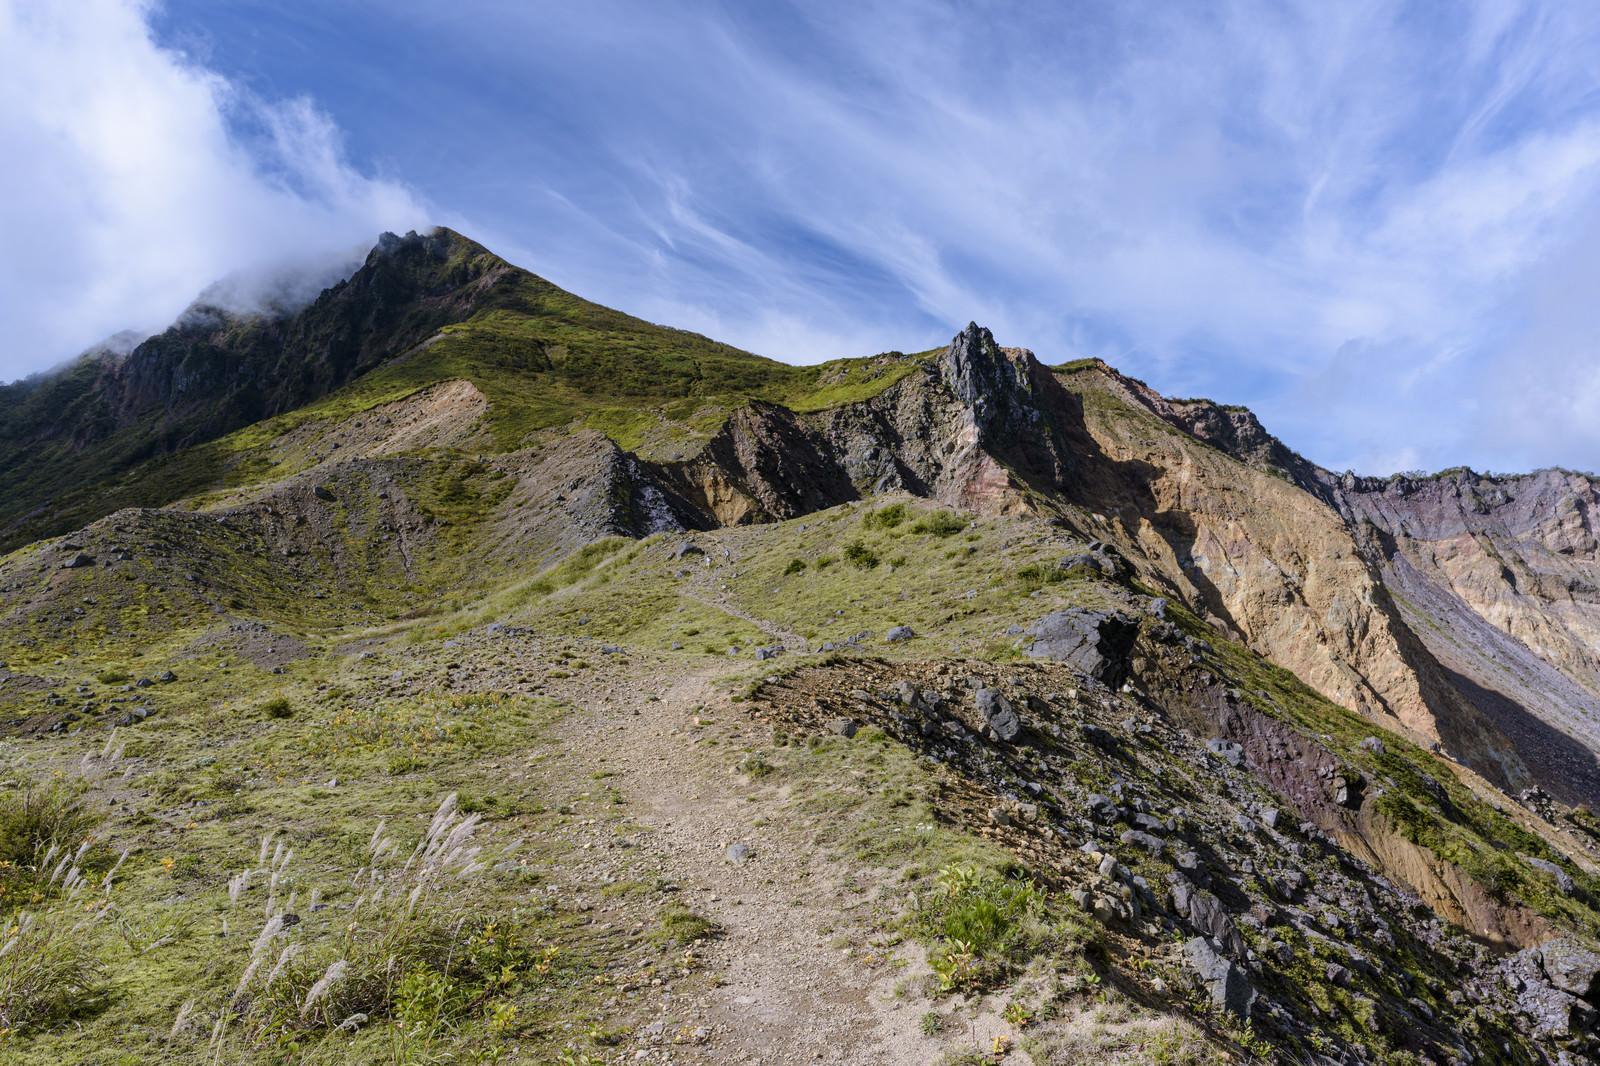 「火山特有の景色が広がる磐梯山(ばんだいさん)」の写真